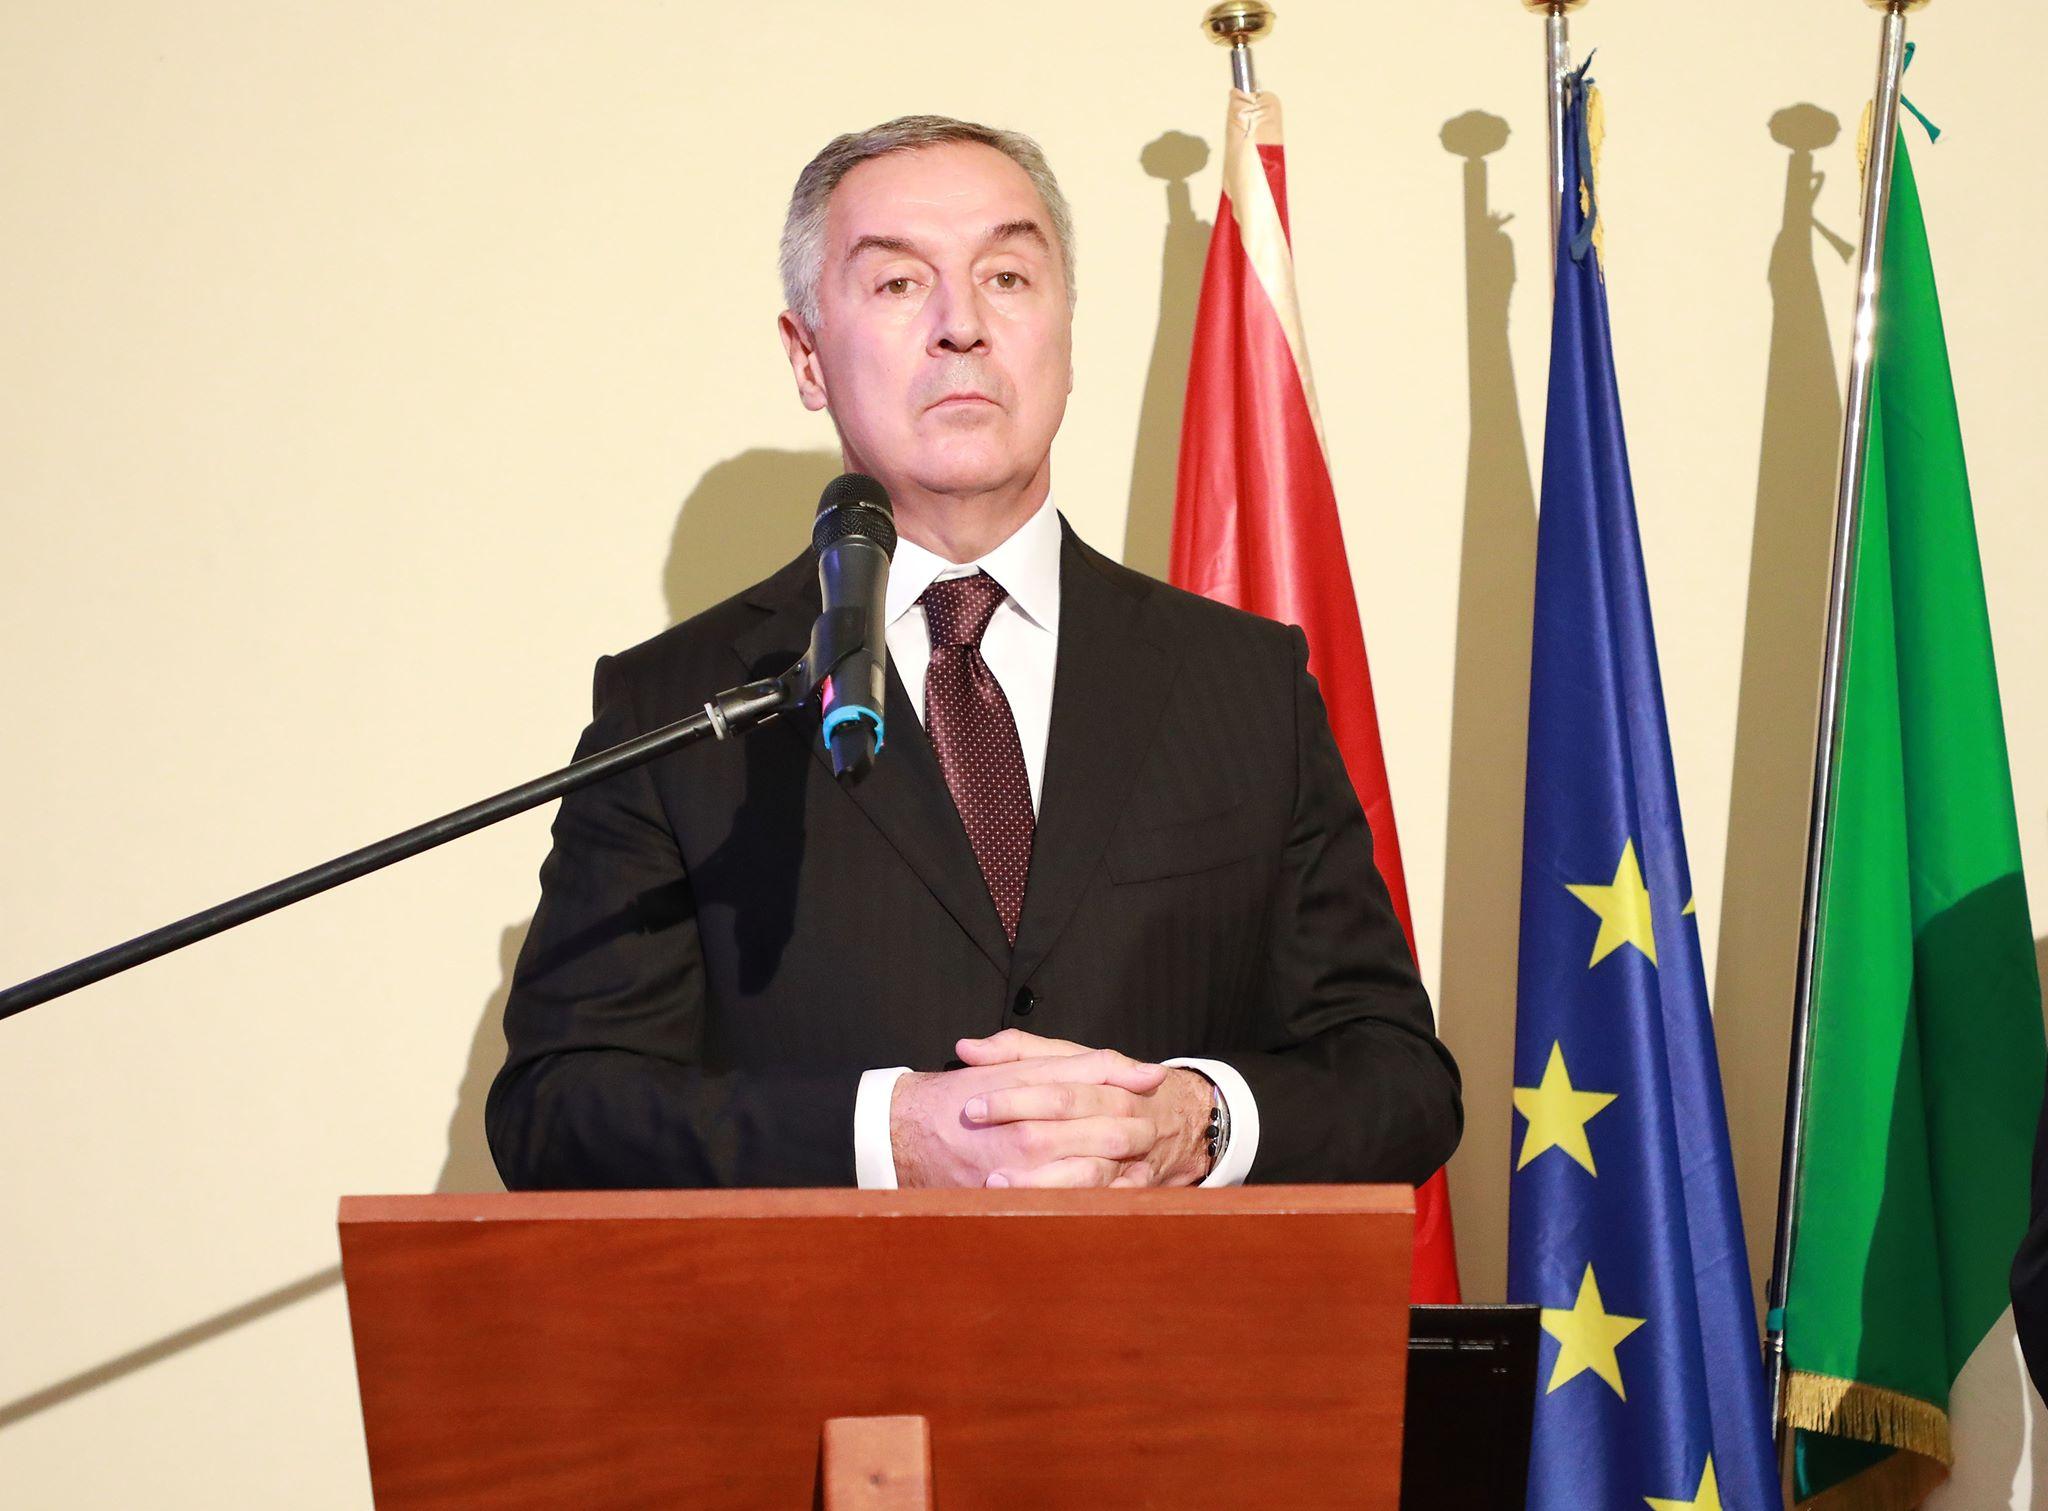 Đukanović: Dopalo se to nekome ili ne, obnovićemo autokefalnost Crnogorske crkve i ispraviti istorijsku nepravdu